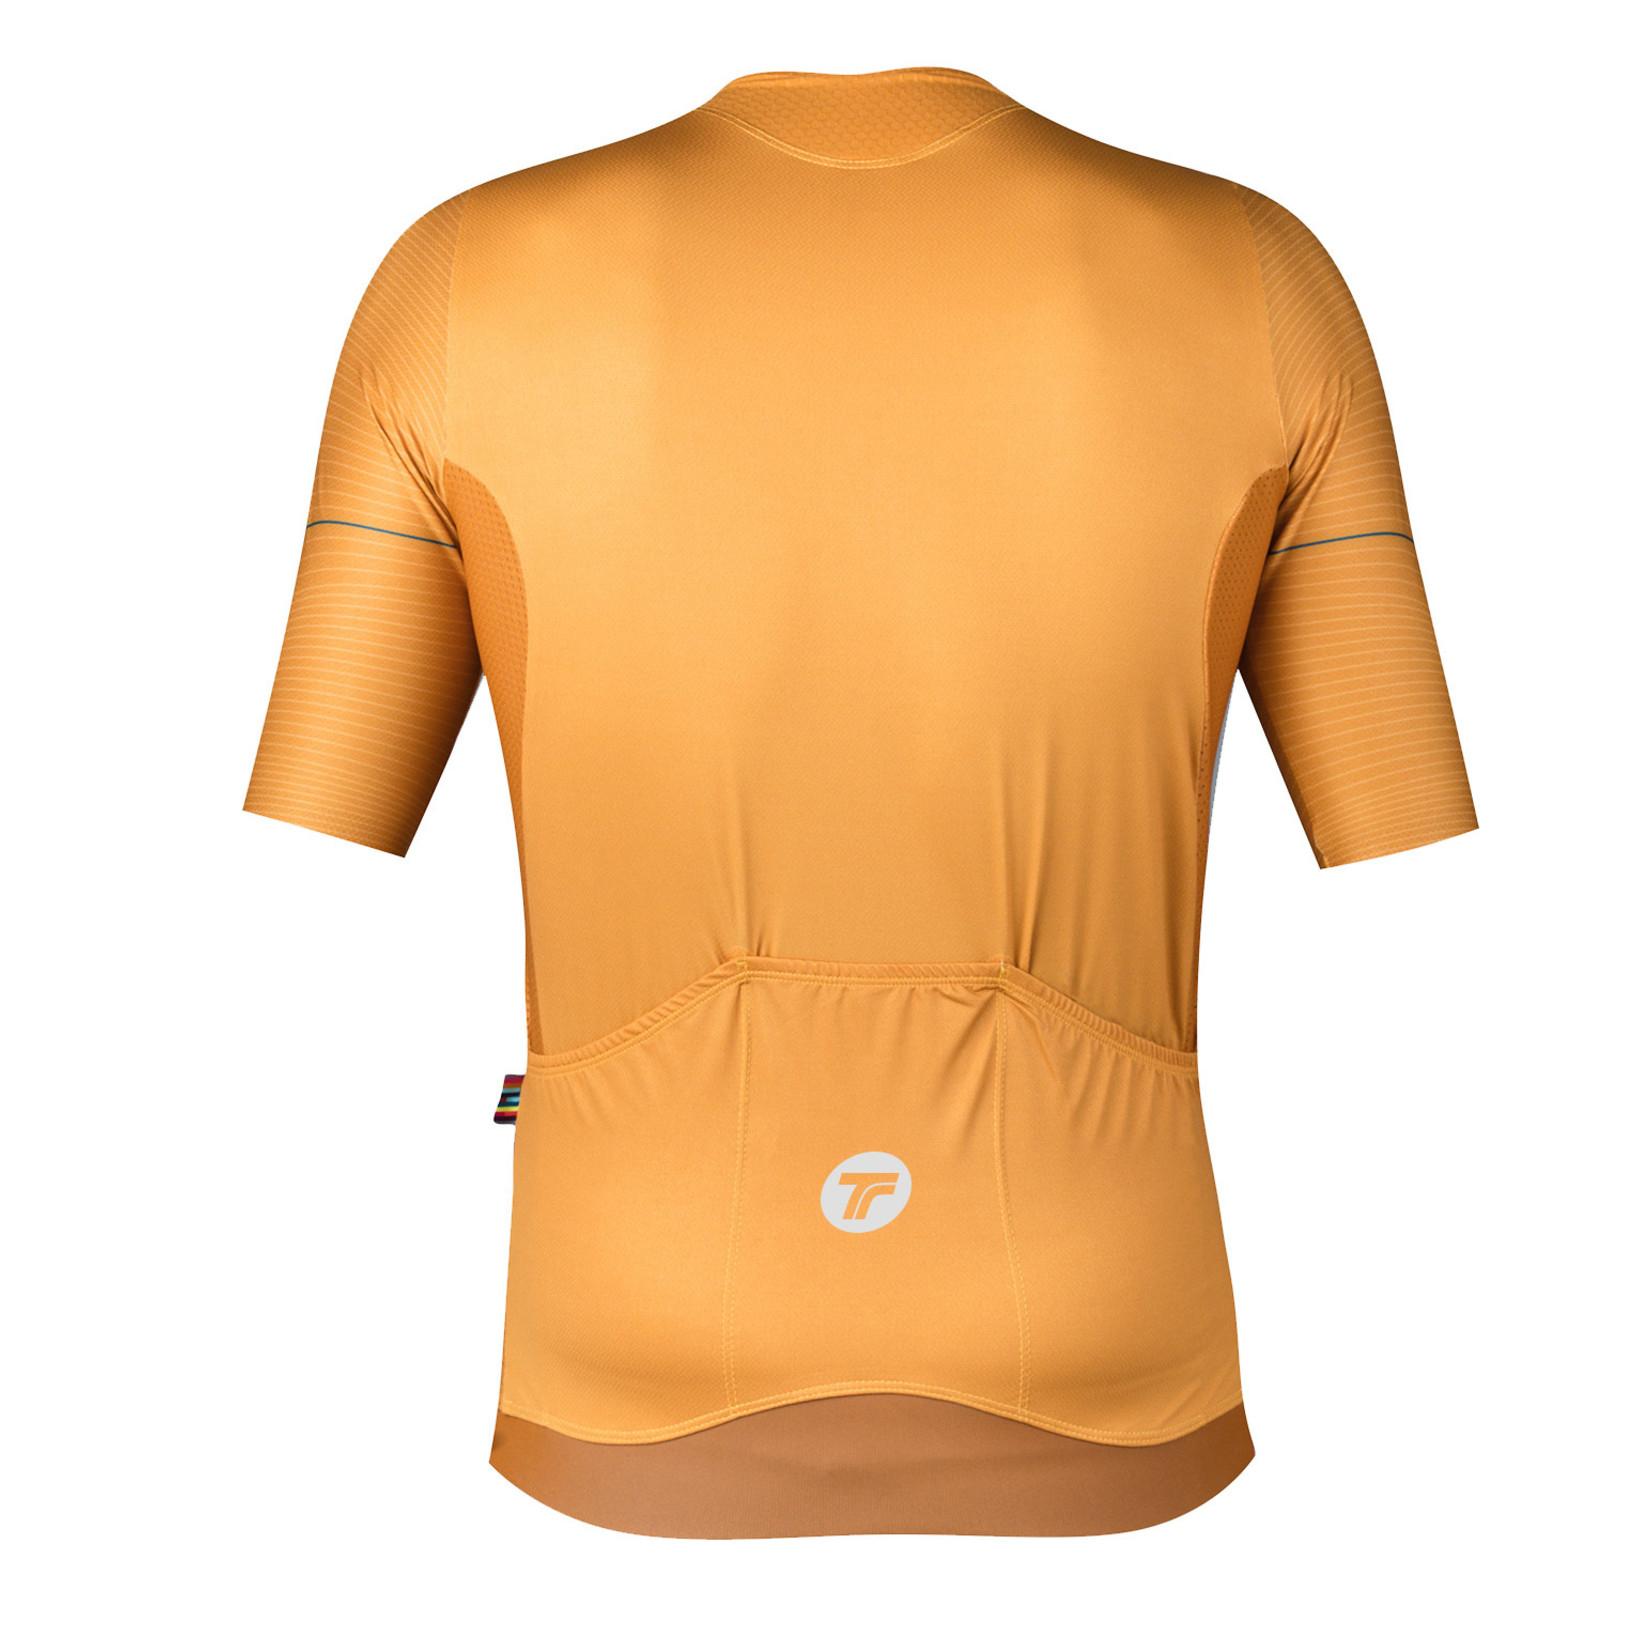 Tactic TACTIC Short Sleeve Jersey Signature - Tribeca